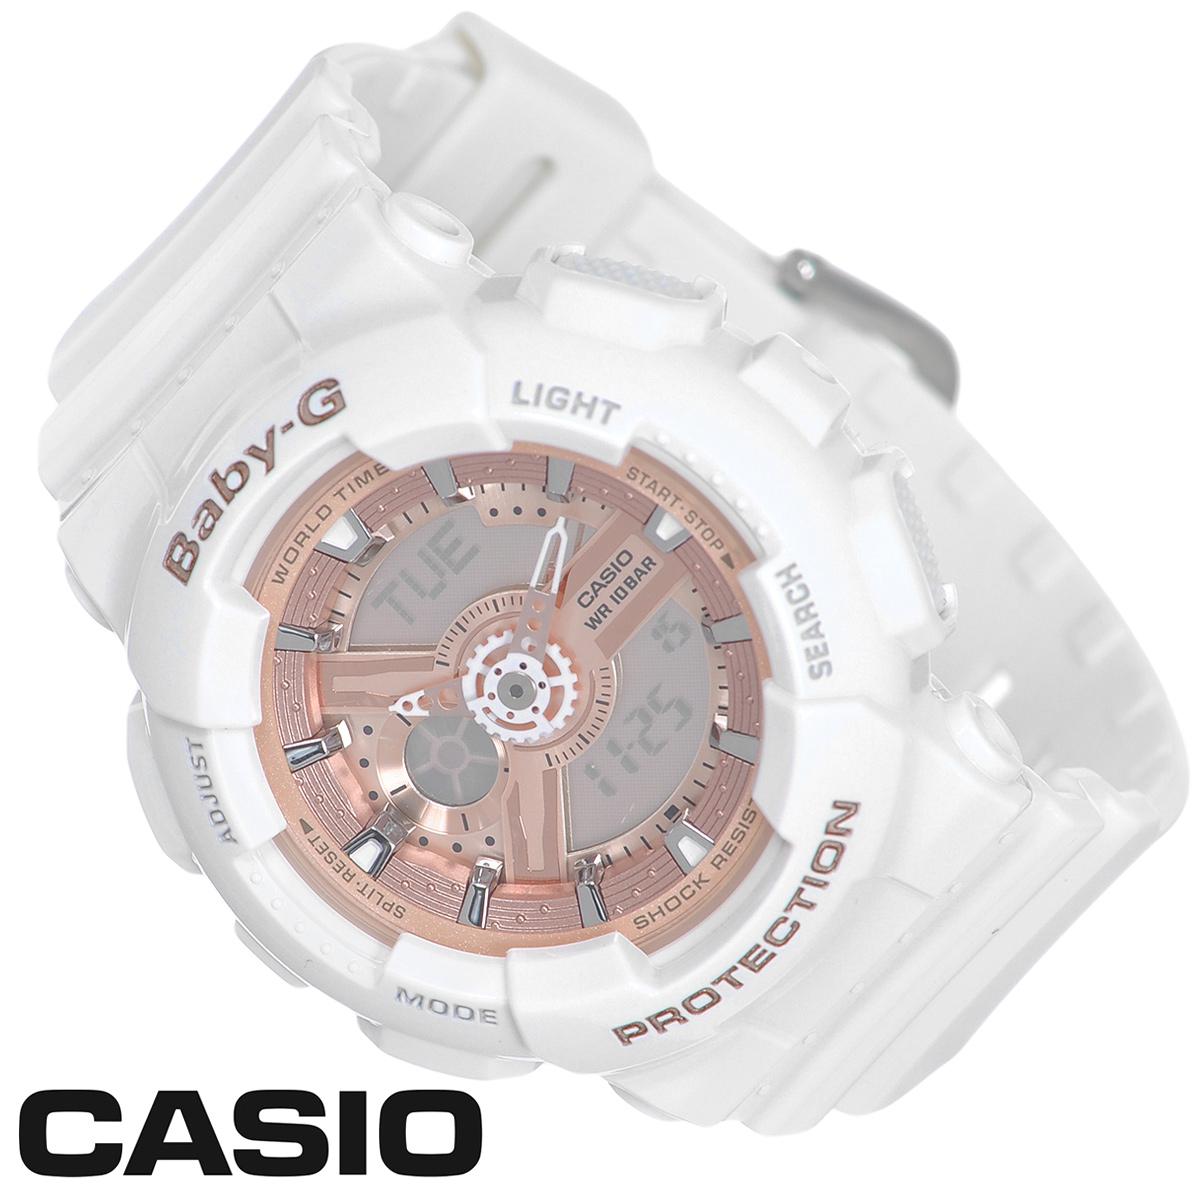 Часы женские наручные Casio Baby-G, цвет: белый, золотой. BA-110-7A1BA-110-7A1Стильные многофункциональные часы Baby-G от японского брэнда Casio - это яркий функциональный аксессуар для современных людей, которые стремятся выделиться из толпы и подчеркнуть свою индивидуальность. Часы выполнены в спортивном стиле. Часы оснащены японским кварцевым механизмом, имеют ударопрочную конструкцию, защищающую механизм от ударов и вибрации. Циферблат оснащен двумя стрелками и подсвечивается светодиодом. Ремешок из мягкого пластика застегивается на классическую застежку. Основные функции: - 5 будильников, один с функцией повтора сигнала (чтобы отложить пробуждение), ежечасный сигнал; - сплит-хронограф; - автоматический календарь (число, месяц, день недели, год); - секундомер с точностью показаний 1/100 с, время измерения 24 ч; - 12-ти и 24-х часовой формат времени; - таймер обратного отсчета от 1 мин до 24 ч; - функция включения/отключения звука; - мировое время. Часы упакованы в фирменную...